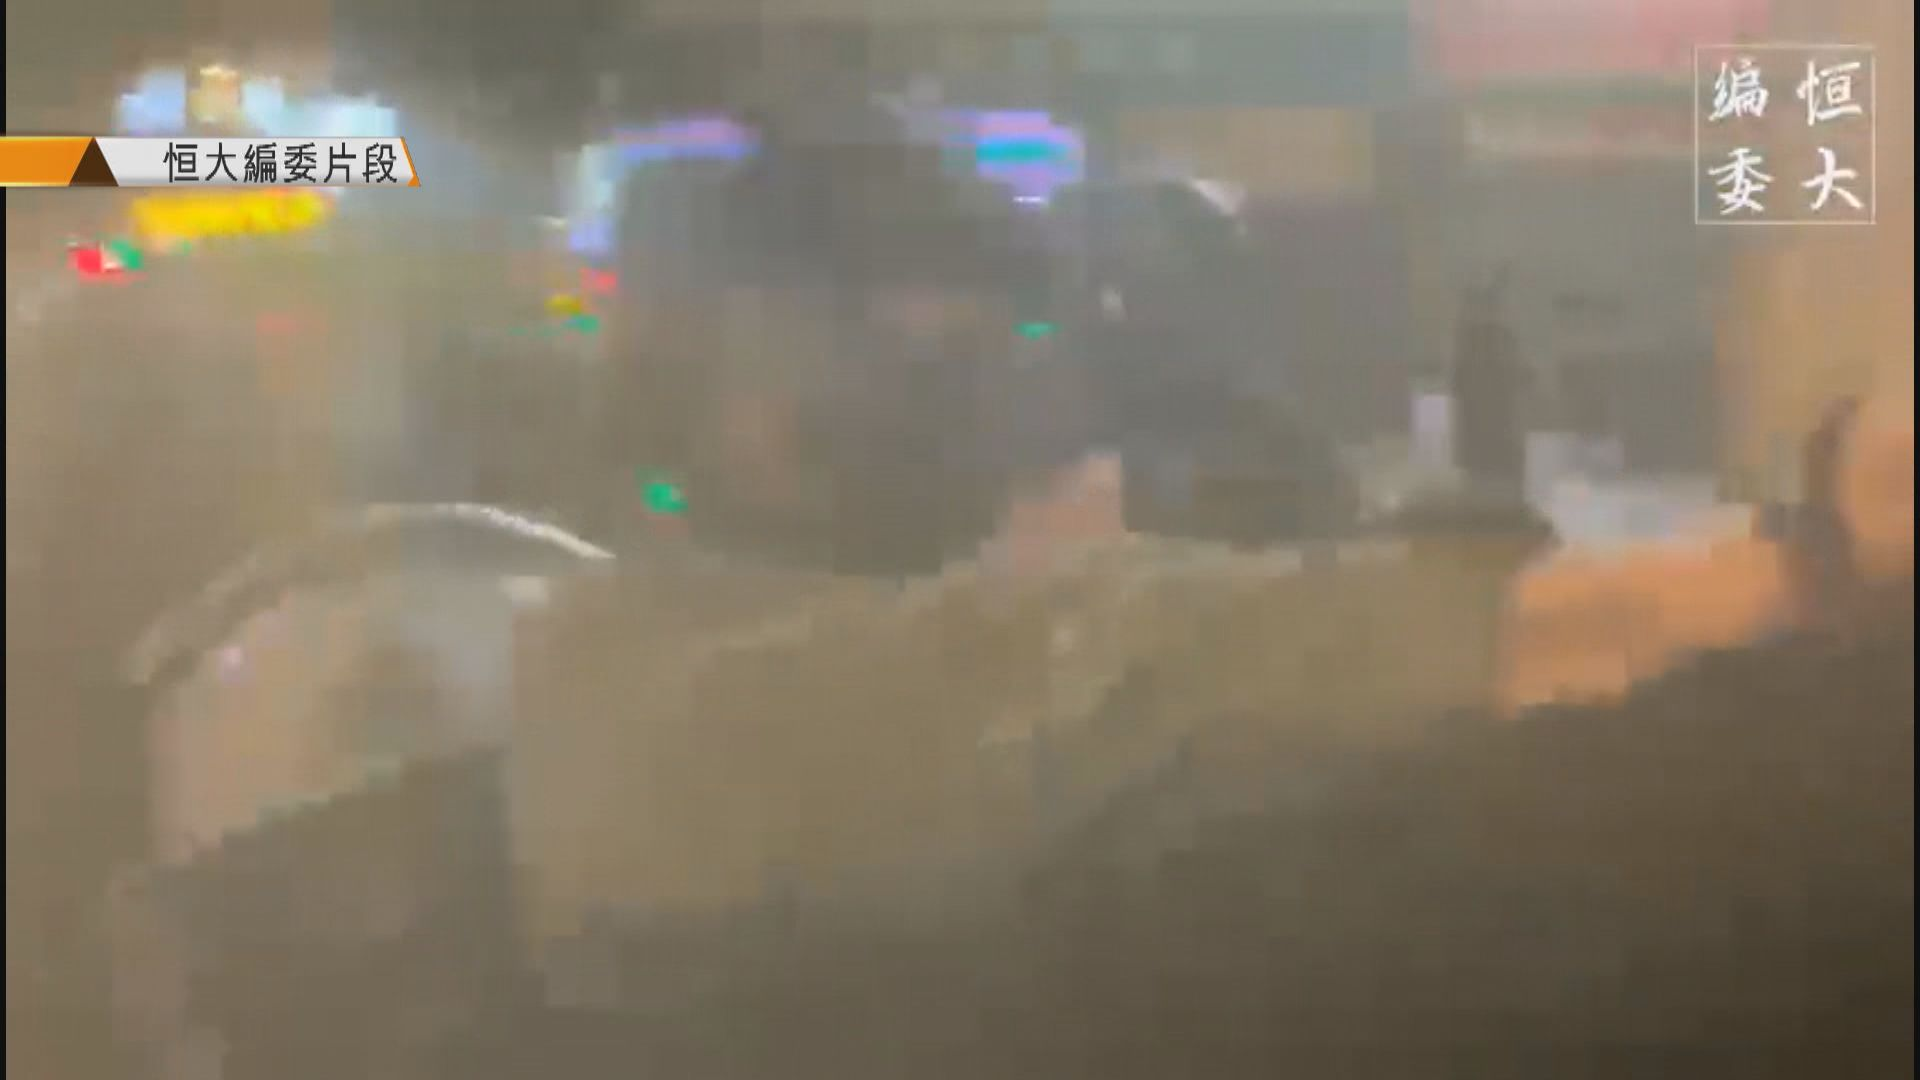 記協強烈譴責警方及集會人士襲擊記者